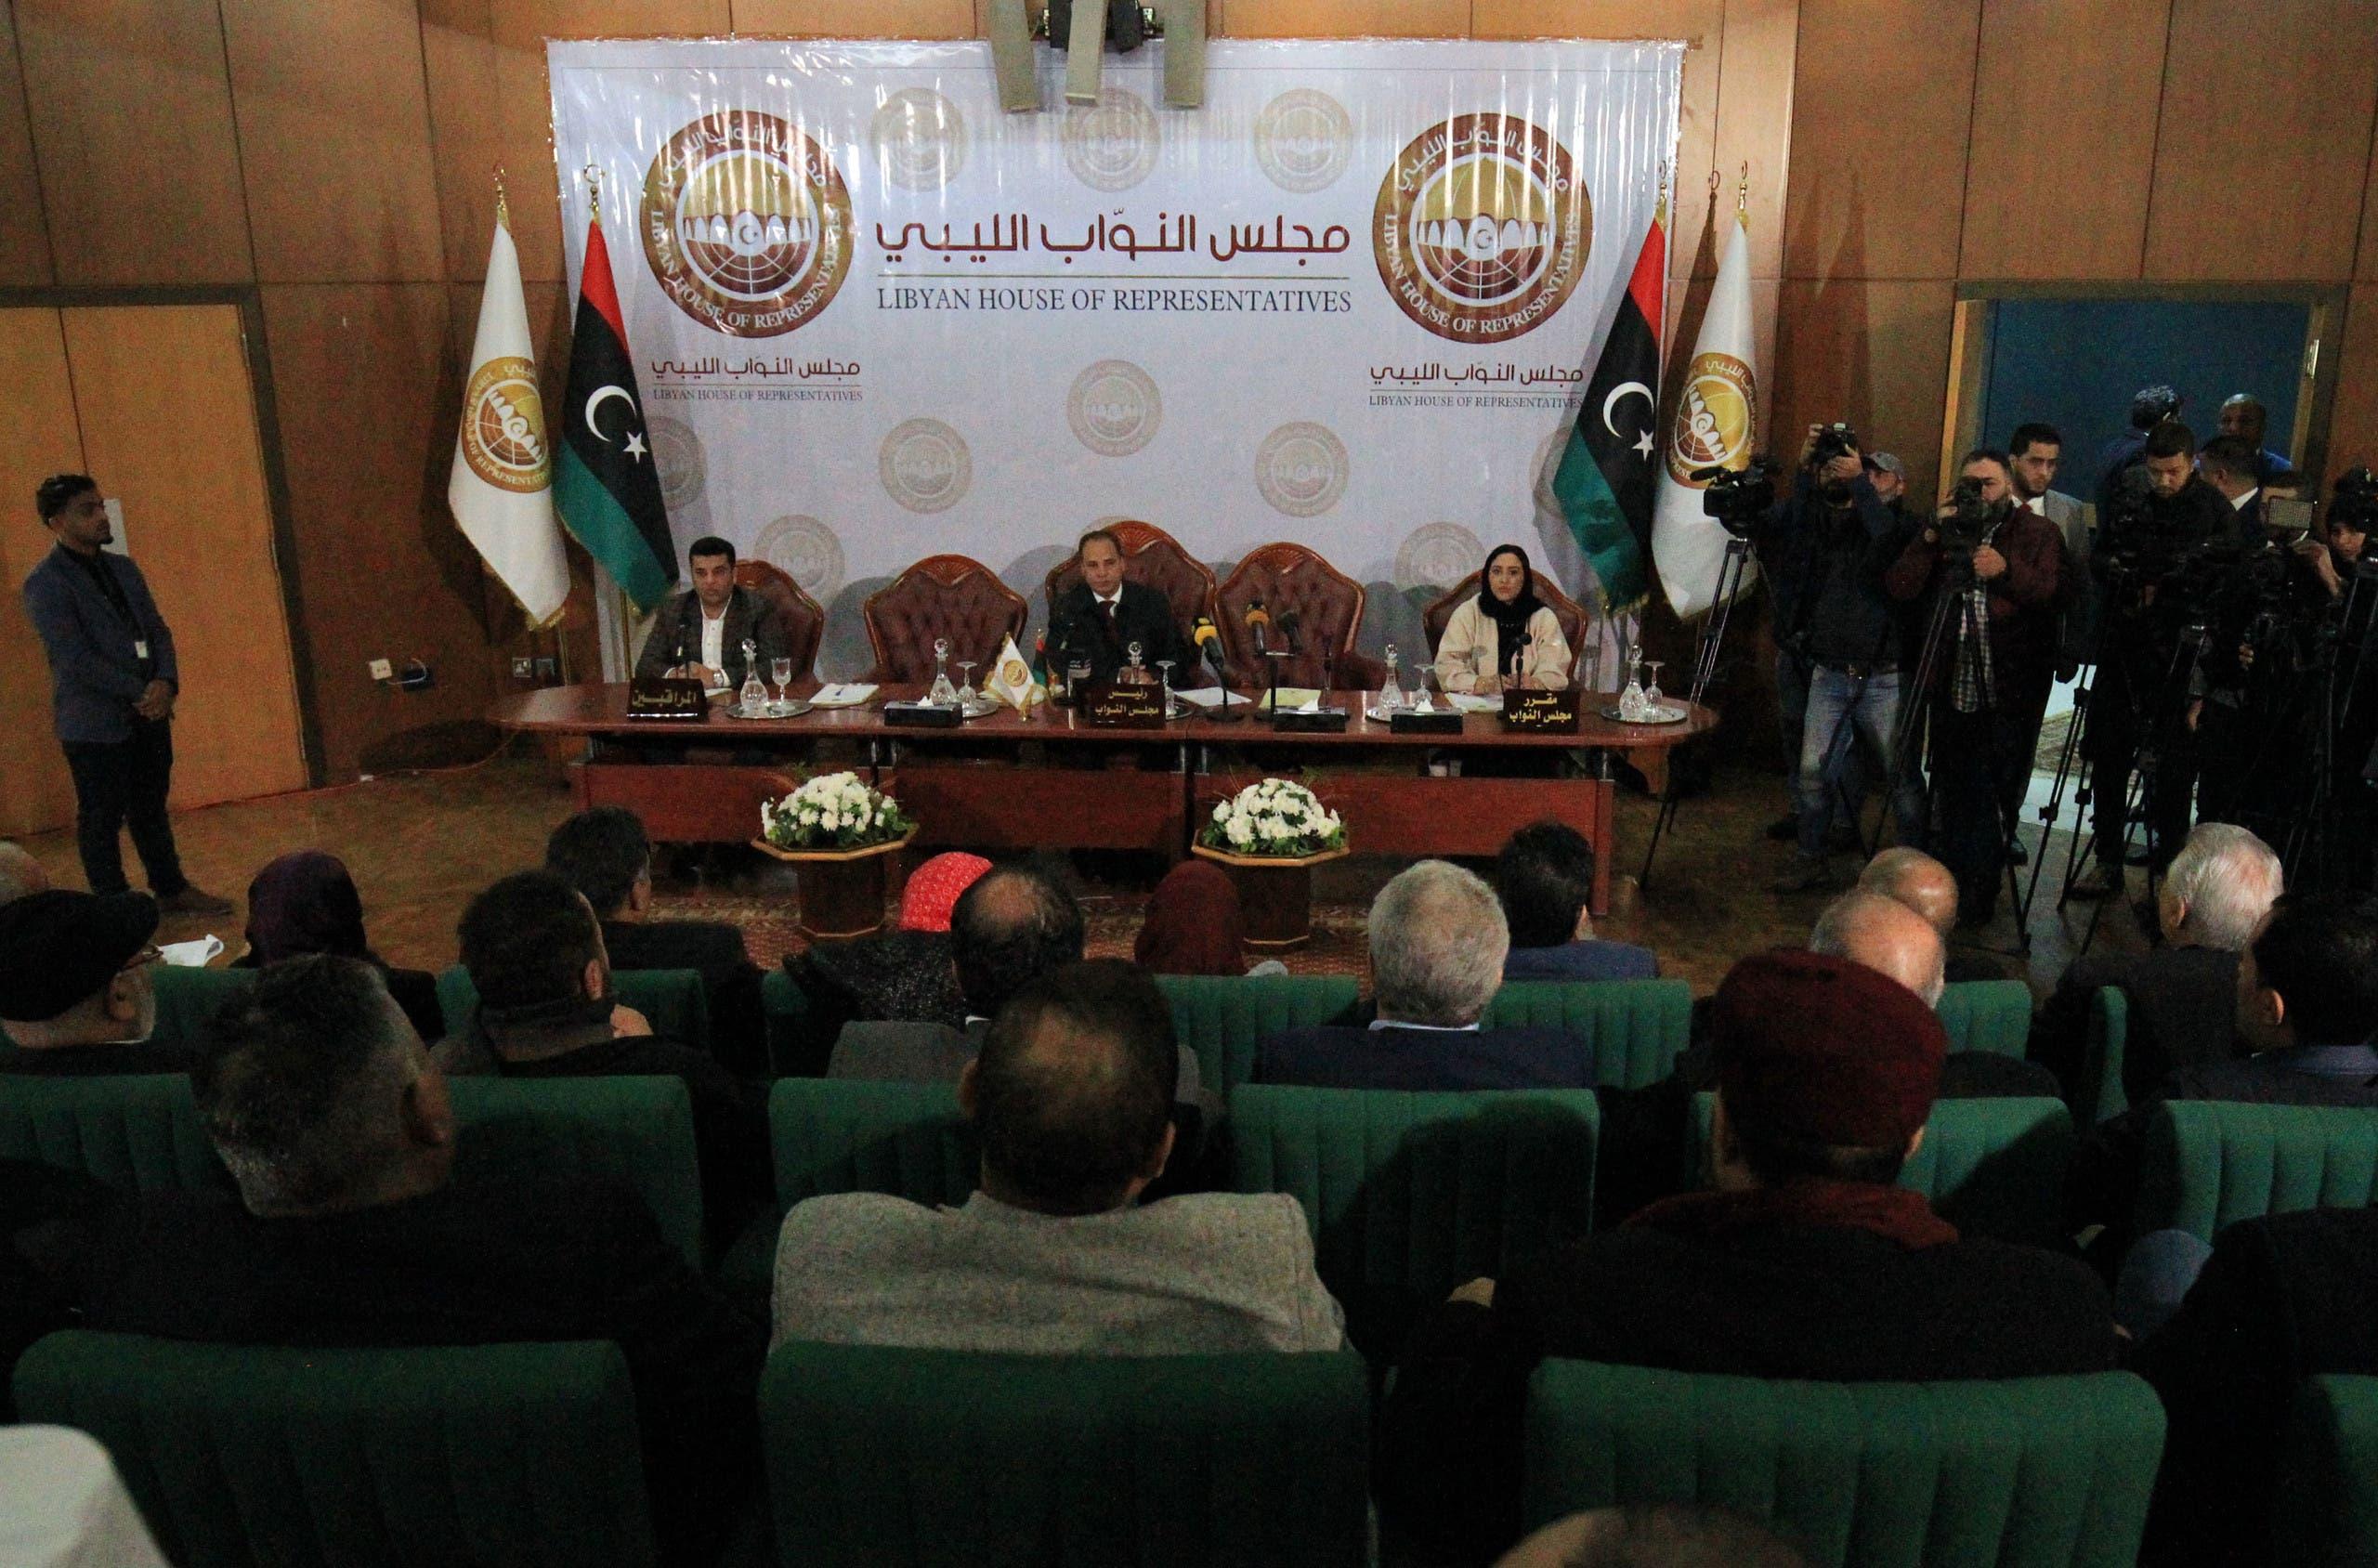 La última reunión del Parlamento libio celebrada en Bengasi (Archivo)